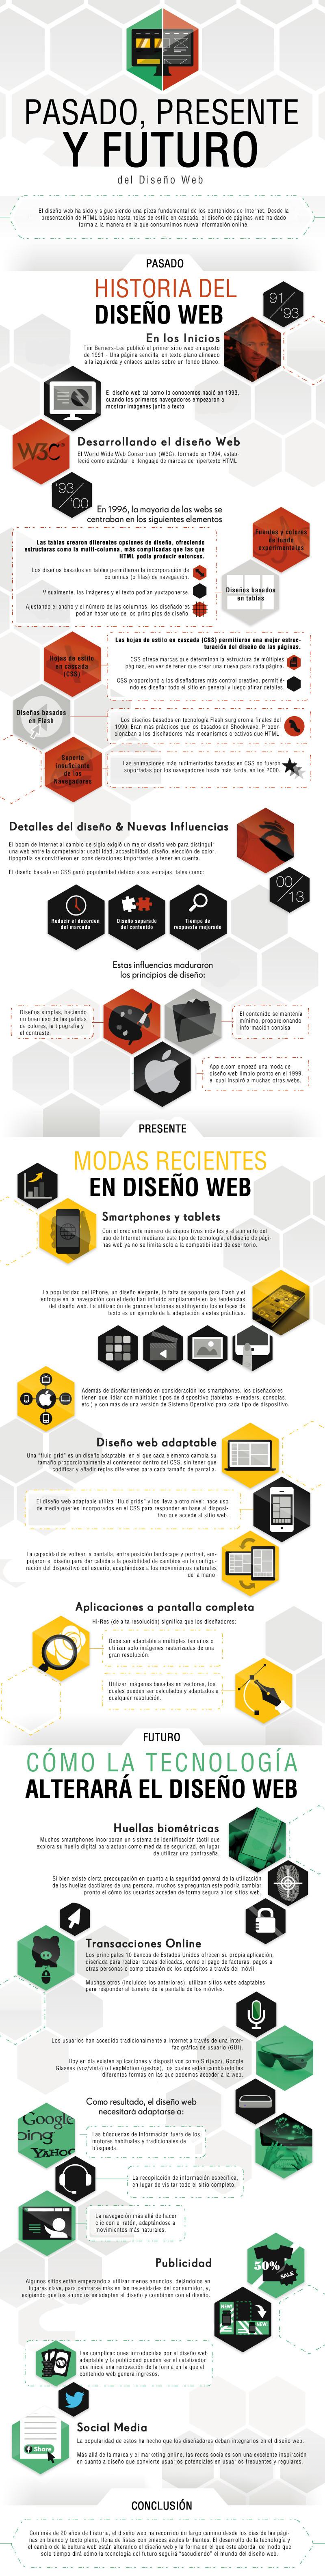 Infografía sobre la historia del diseño web